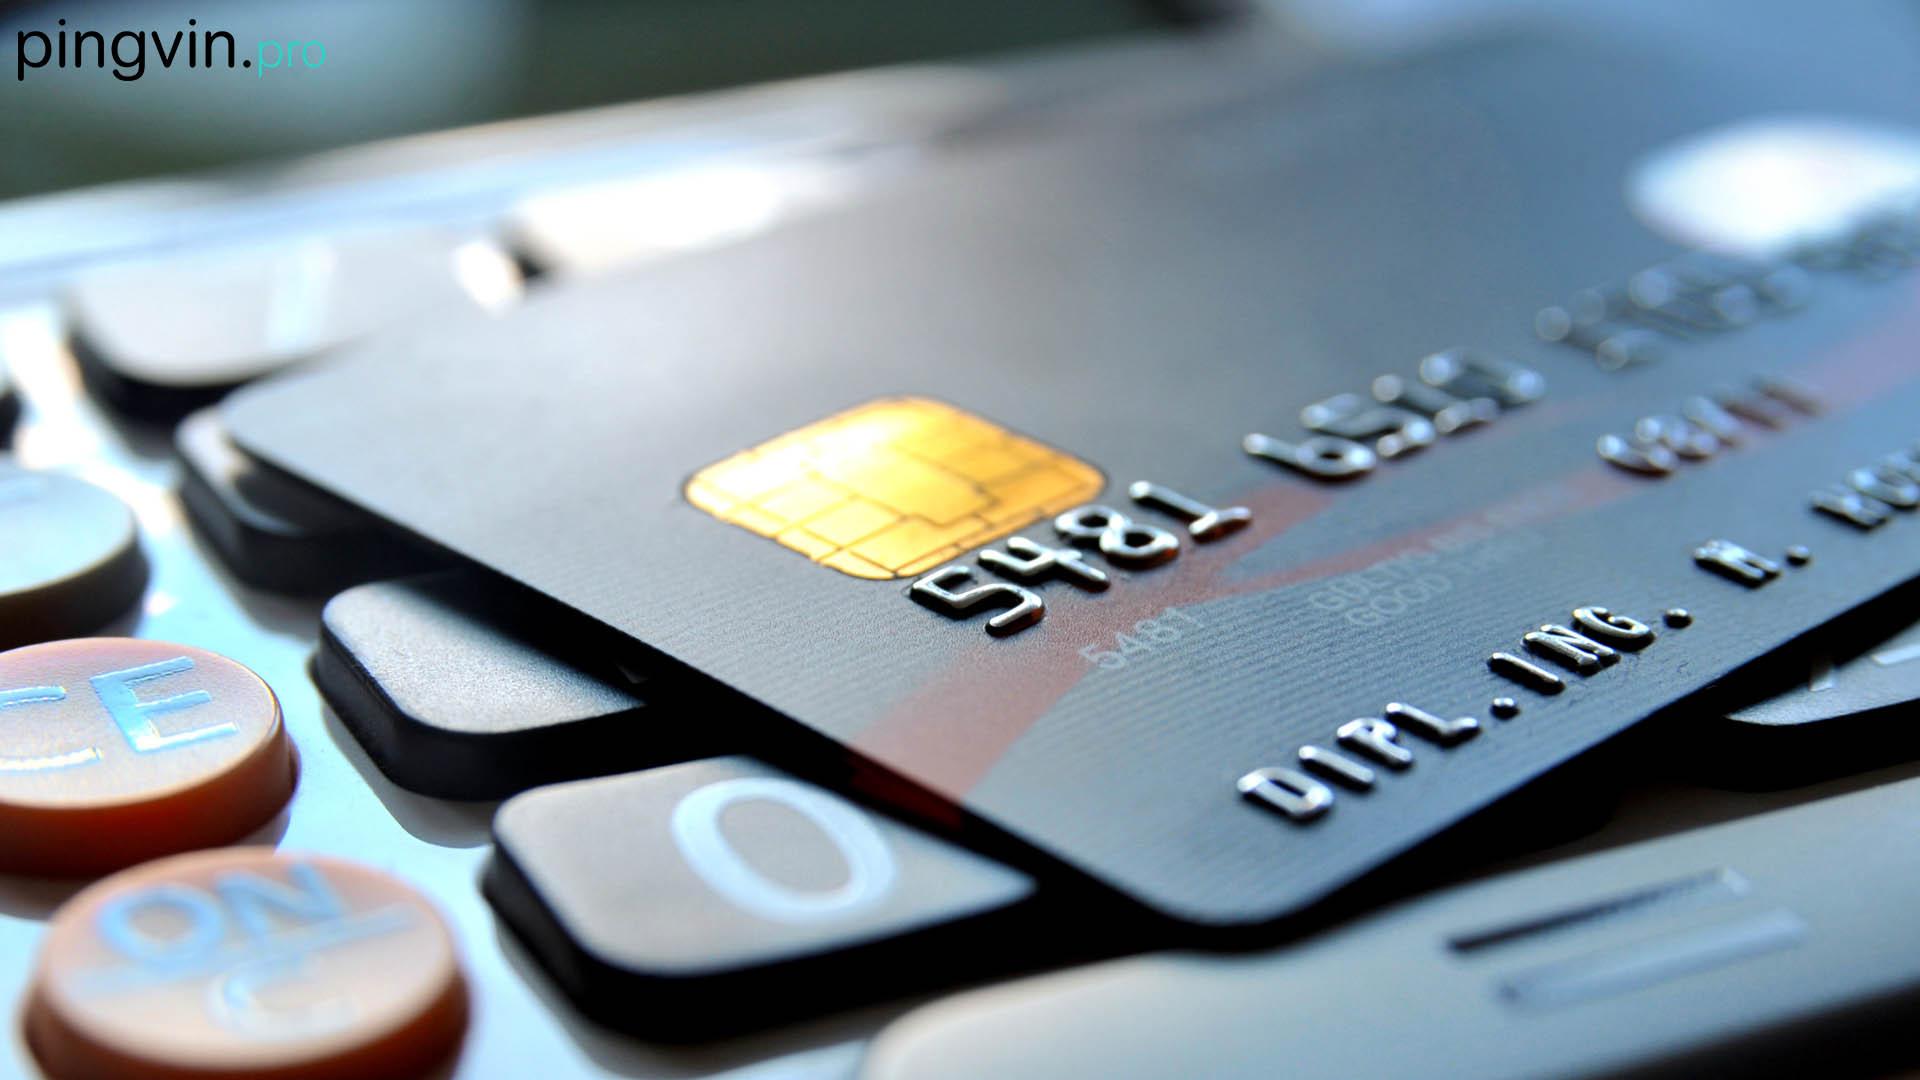 поповнити банківську картку / Готівка на касі / Цифрові гроші / Vodafone / Дія.Цифрова освіта